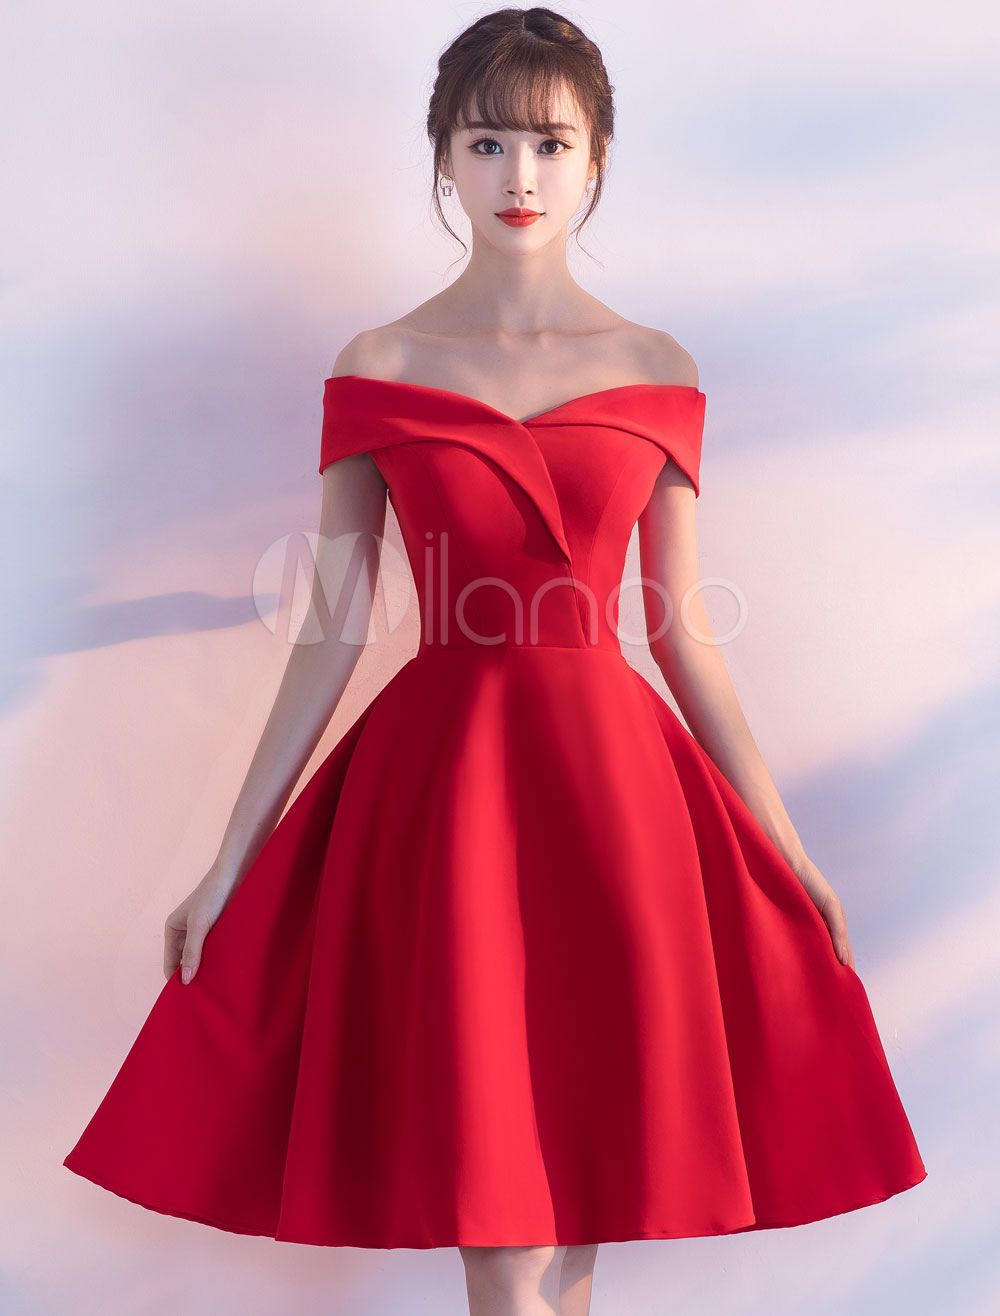 Cocktailkleider Satin aus der Schulter kurz Homecoming Kleid eine ...